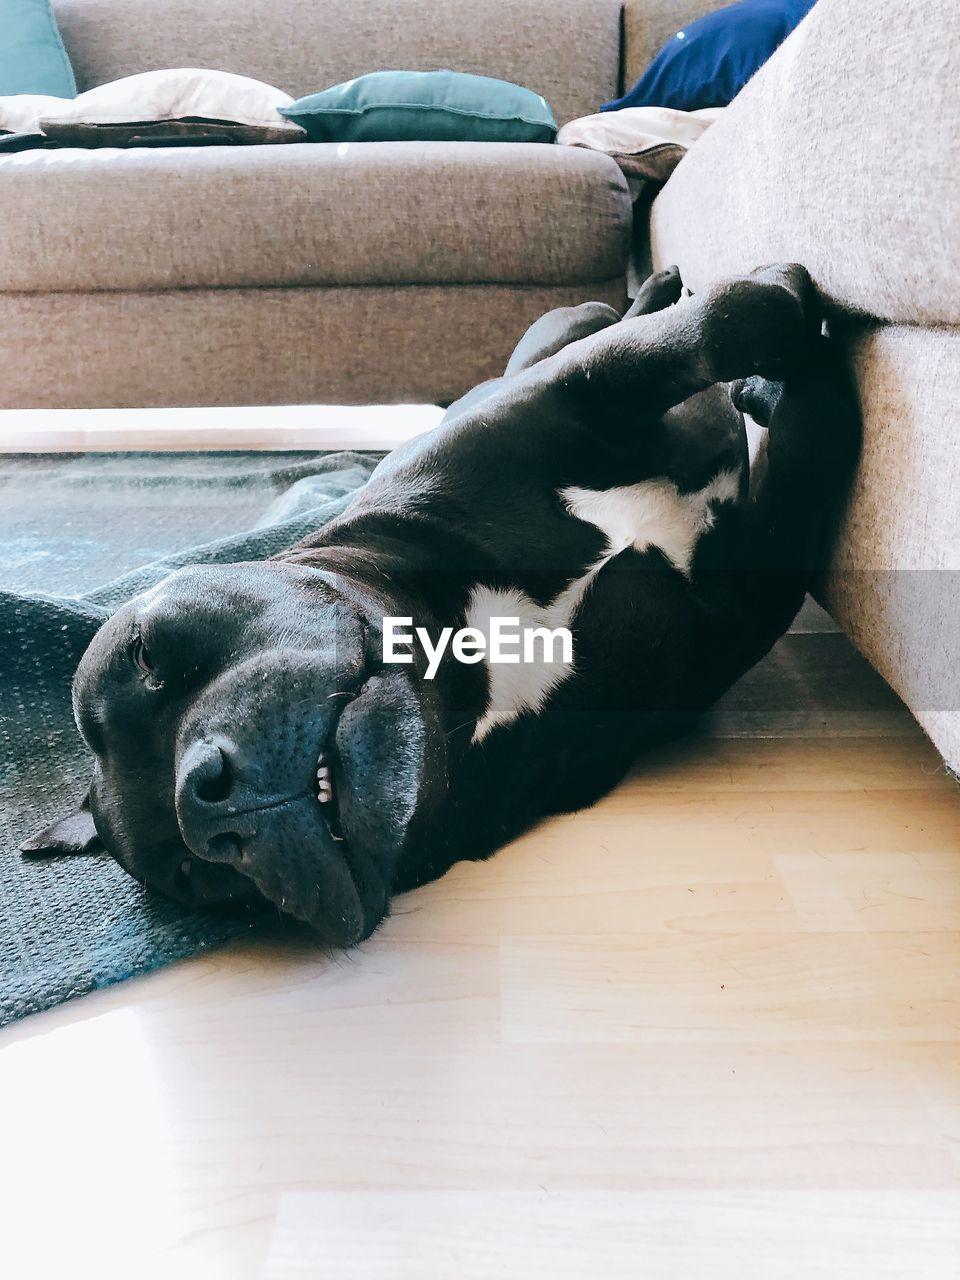 DOG SLEEPING ON WOODEN FLOOR